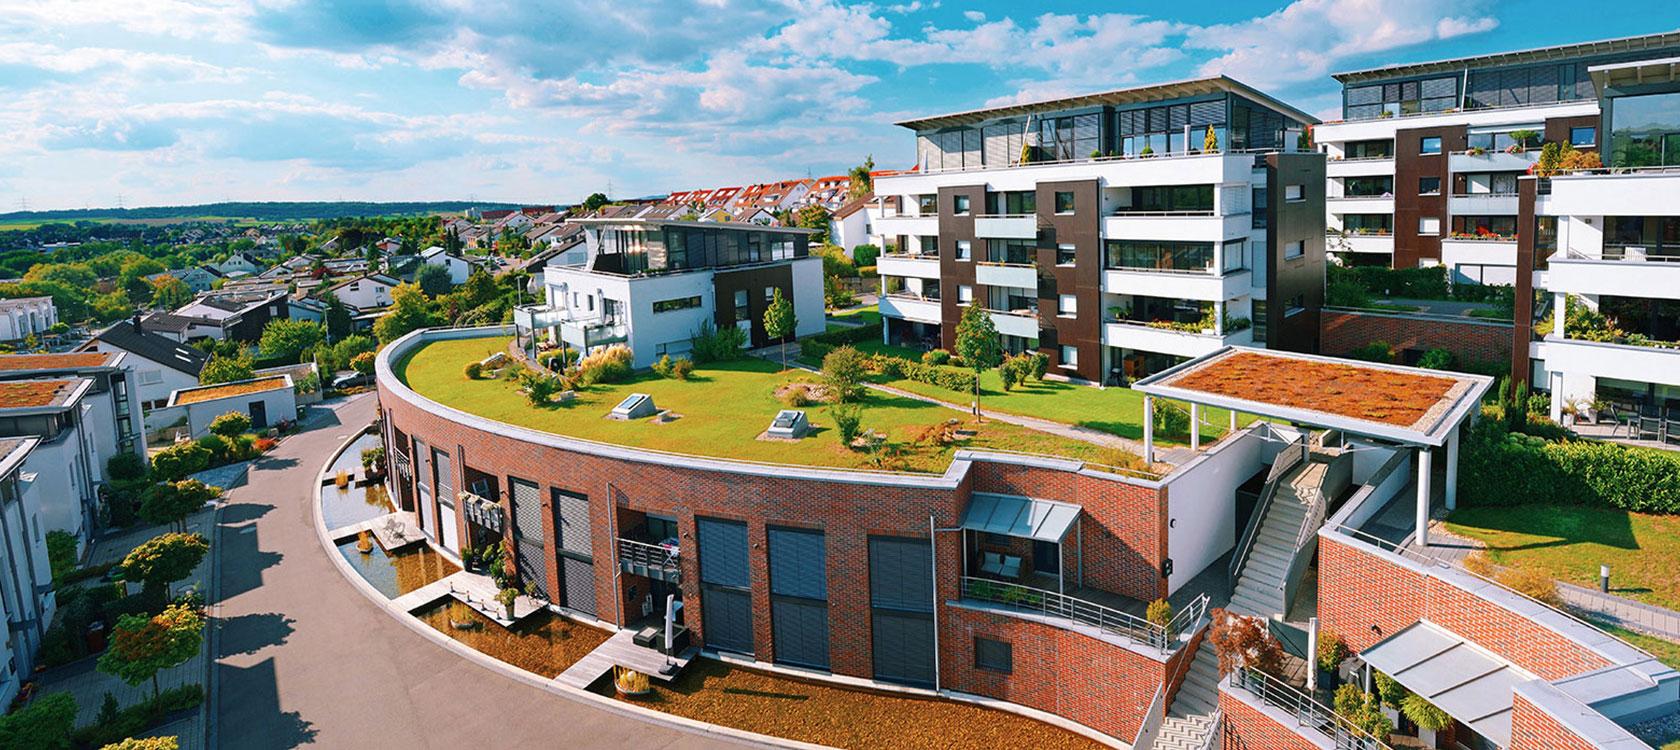 Schöner Wohnung immobilien kaufen neubau ludwigsburg neubauprojekte ludwigsburg